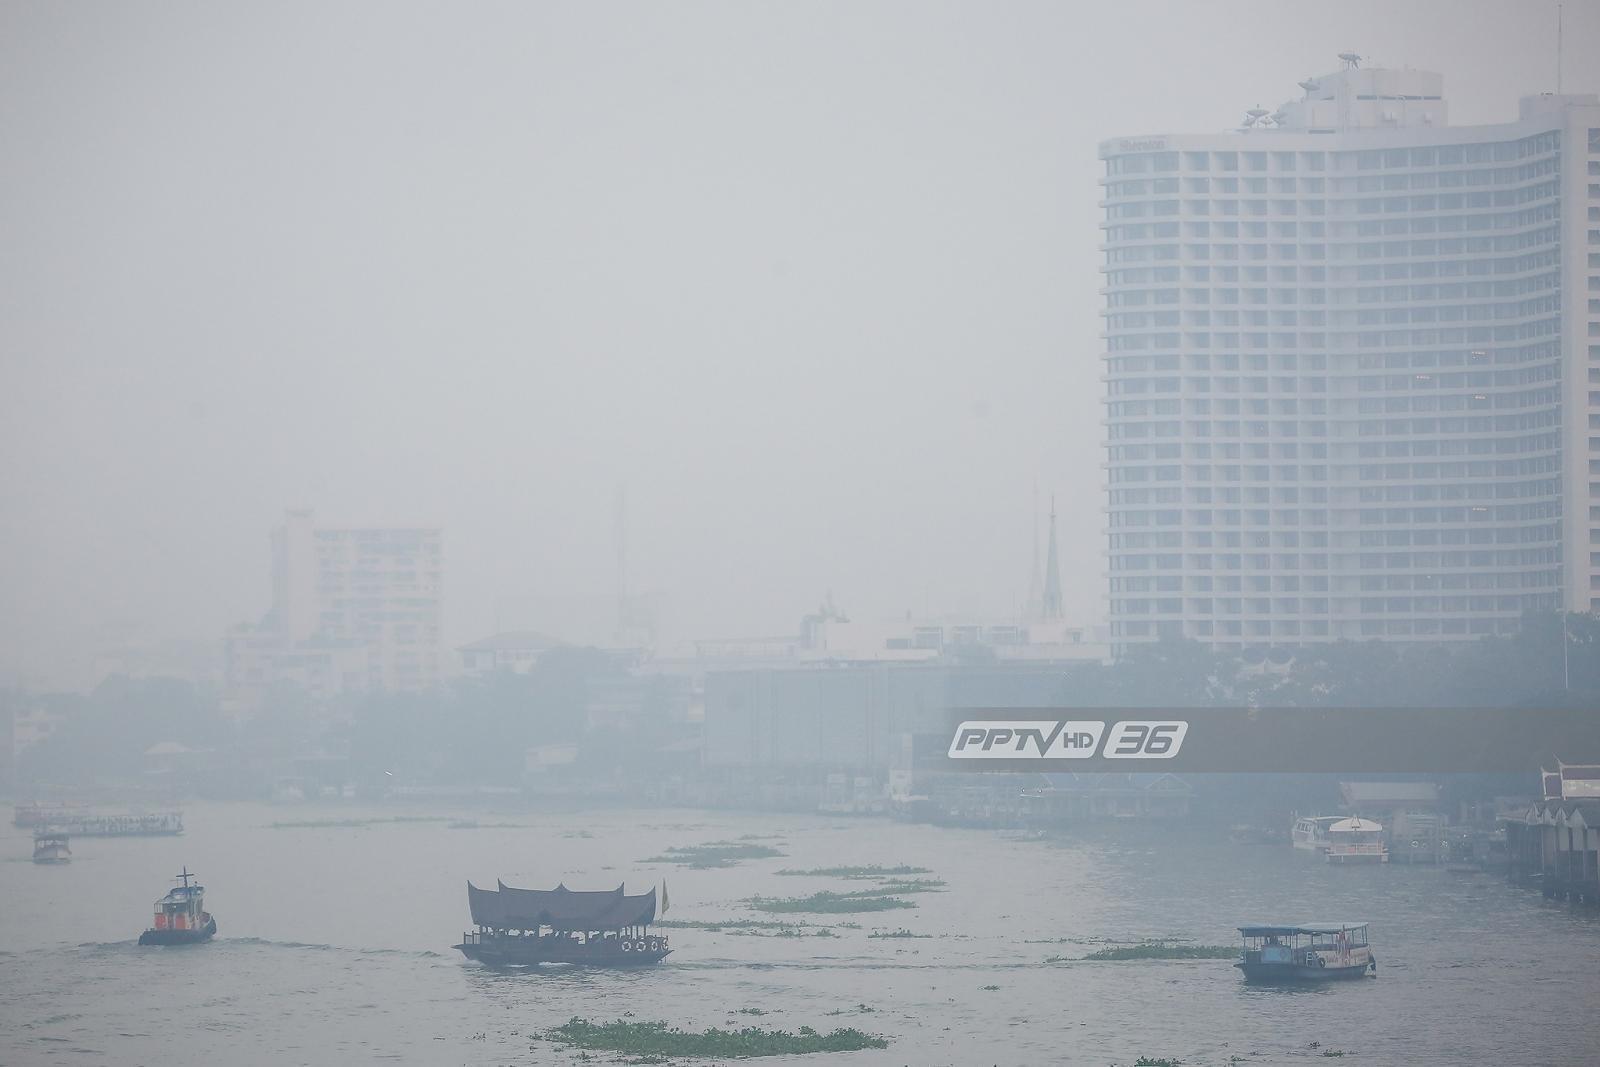 """นายกฯออกแถลงการณ์ PM 2.5 ไม่พบ """"โรงงานปล่อยมลพิษ""""เกินกำหนด"""